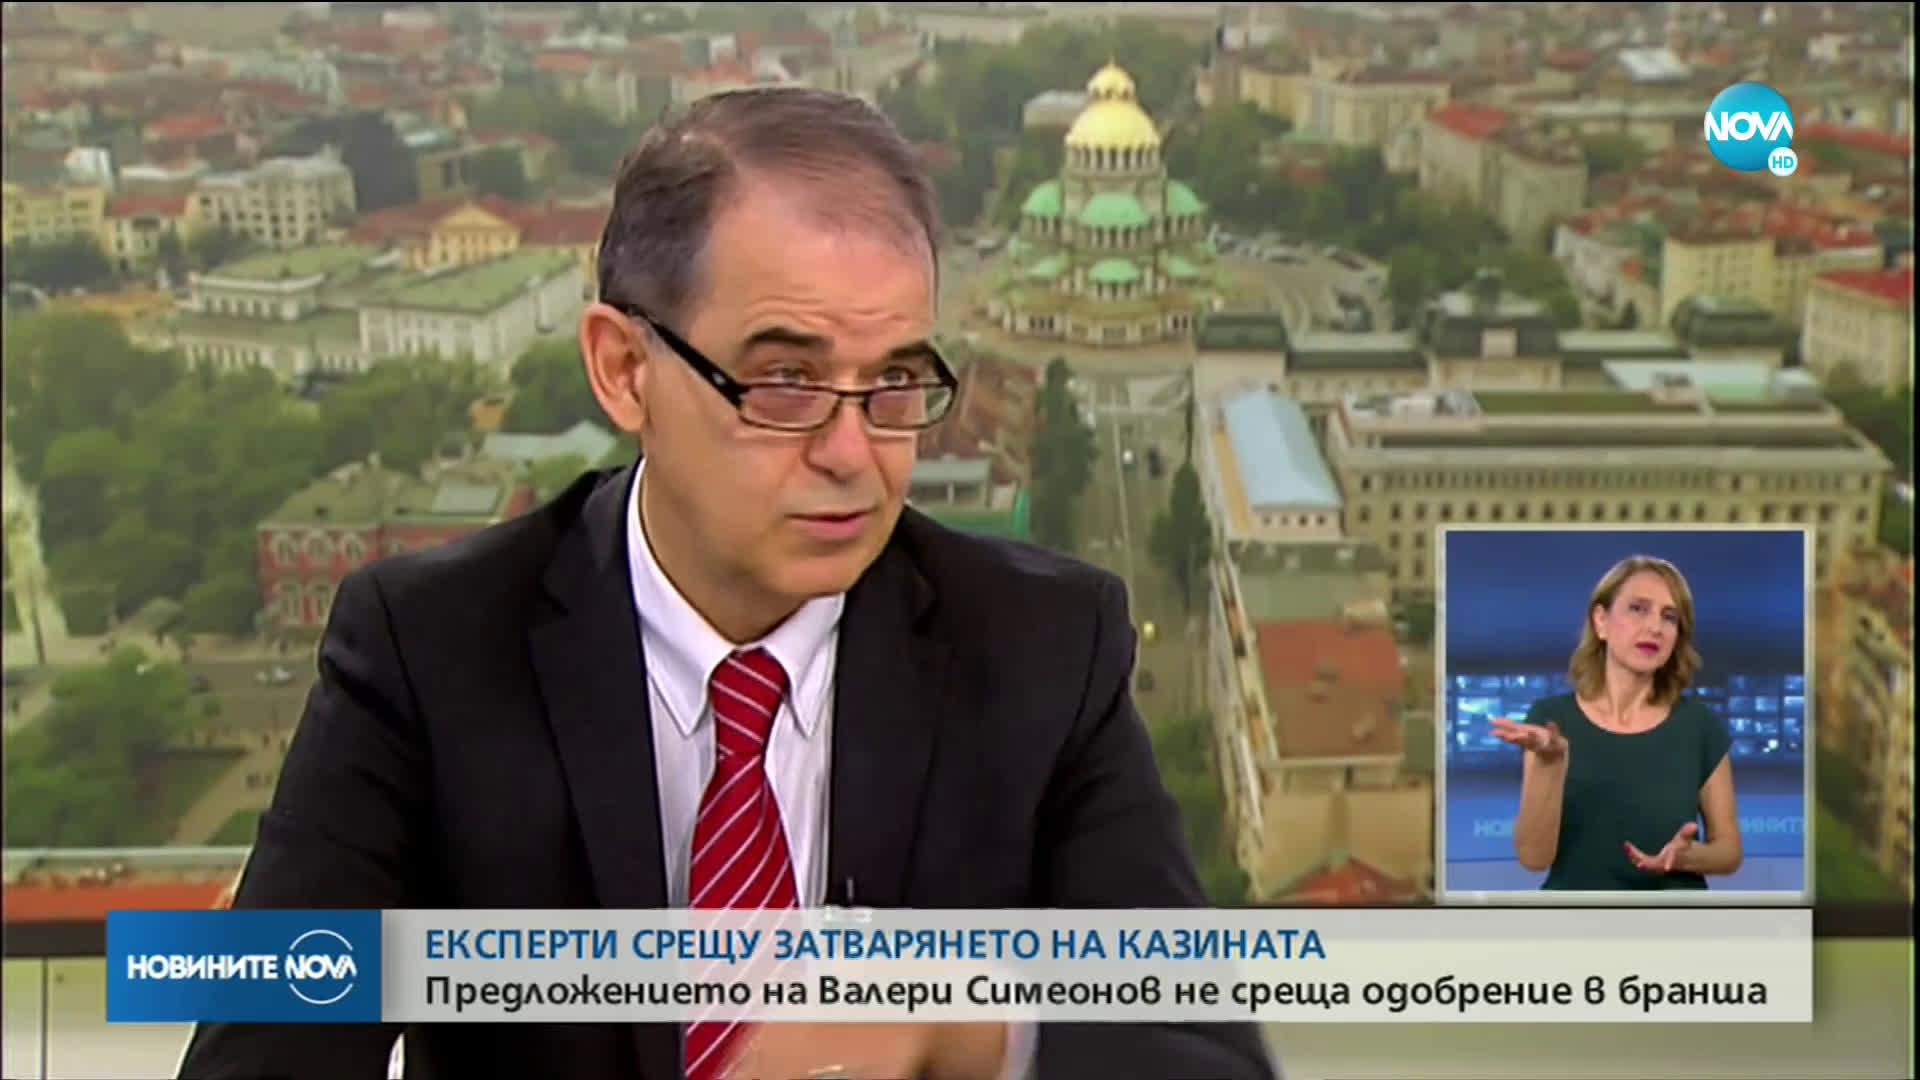 Ангел Ирибозов: Закриването на казината ще активизира криминалния контингент